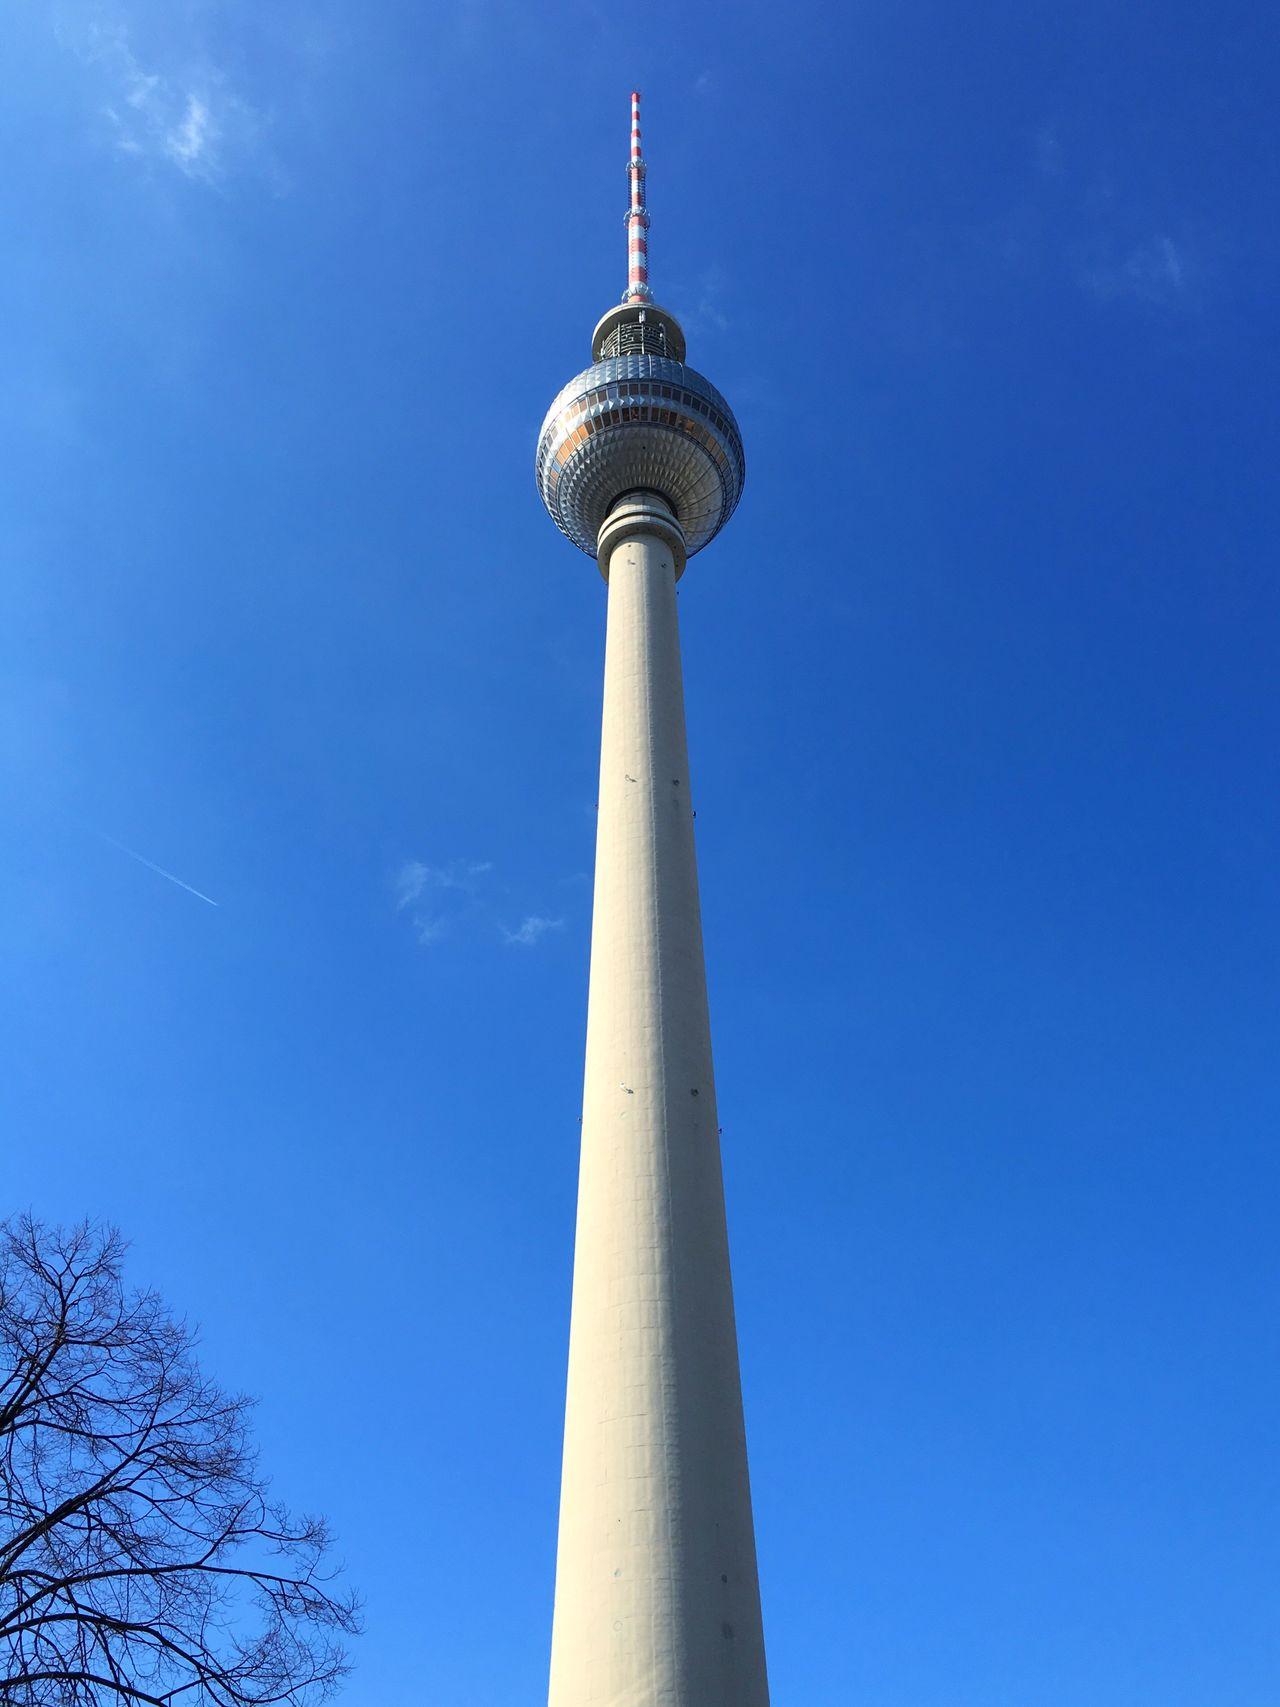 Berlin Berliner Ansichten Berlin Photography Fernsehturm Fernsehturm Berlin  Tvtower Tvtowerberlin Alexanderplatz Sky Blue Sky Blue